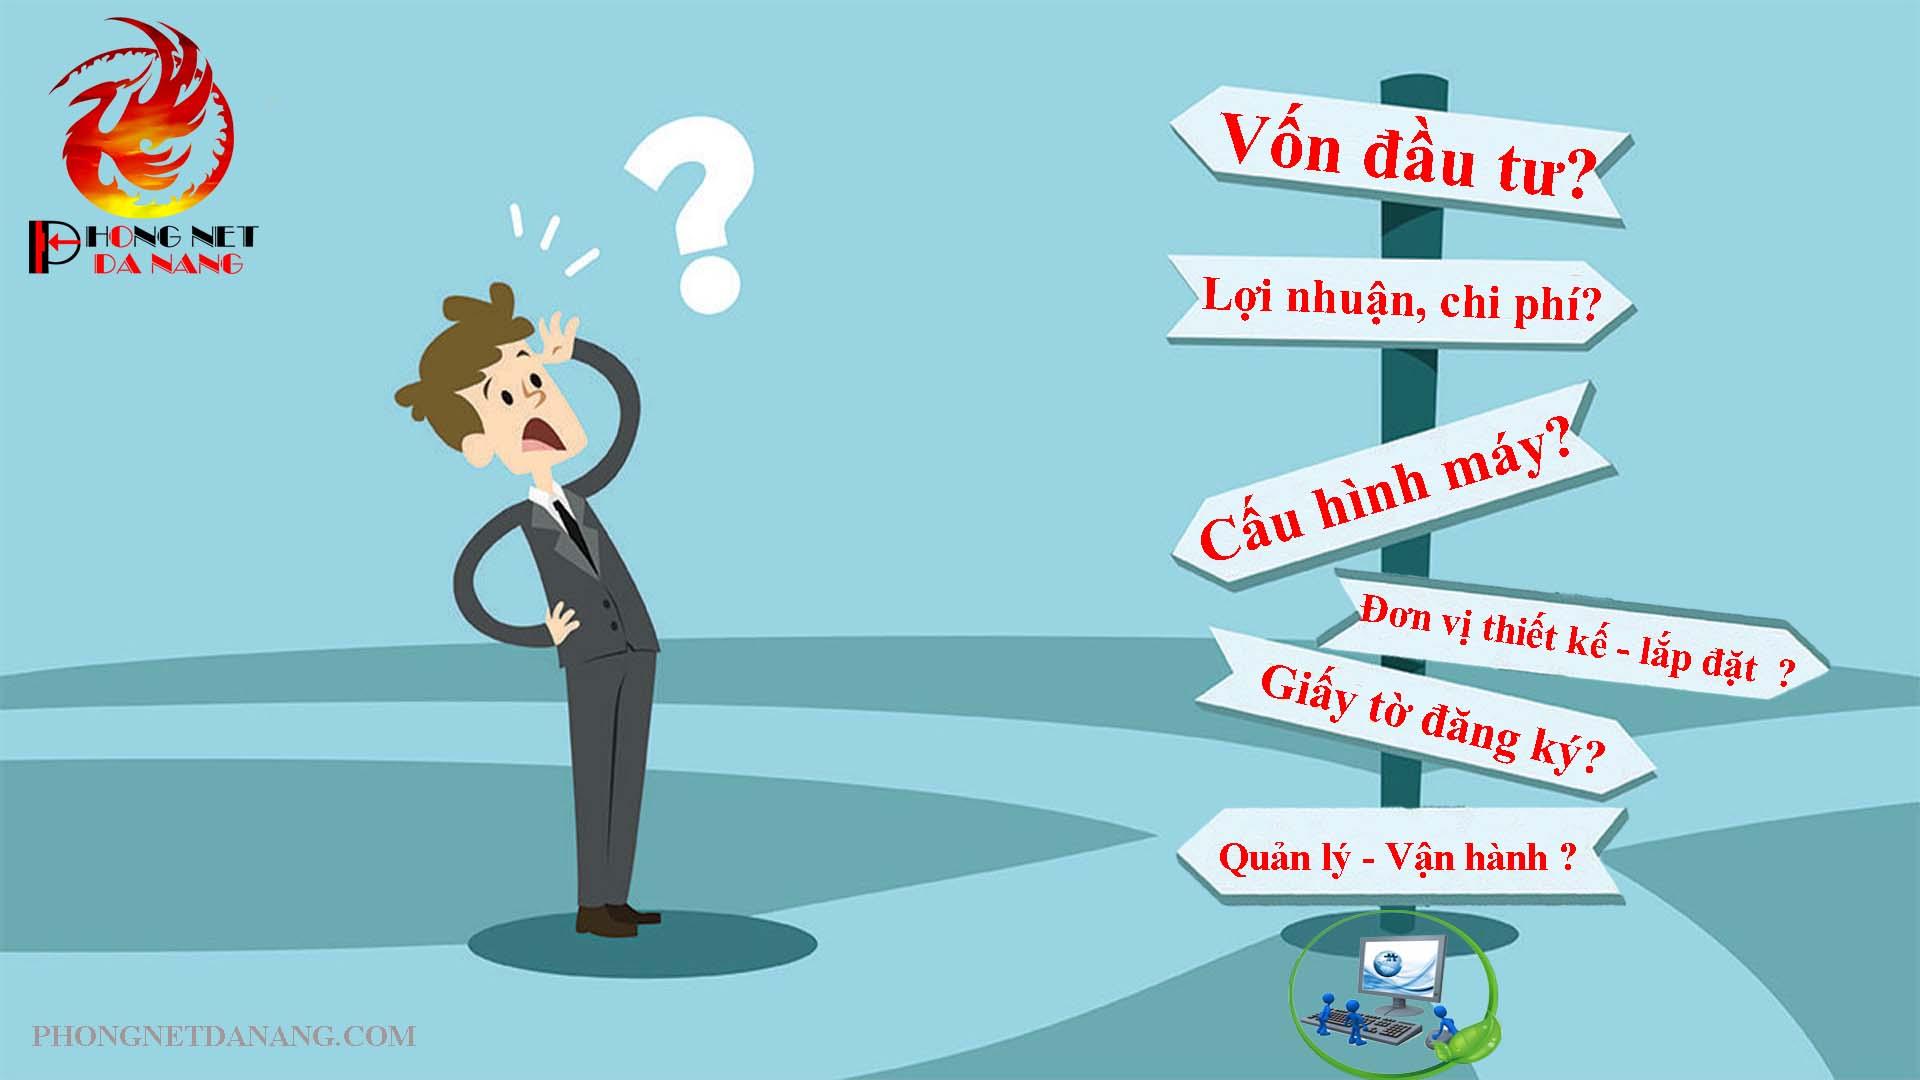 don-vi-tu-van-mo-phong-net-quan-game-uy-tin-phongnetdanang.com-2